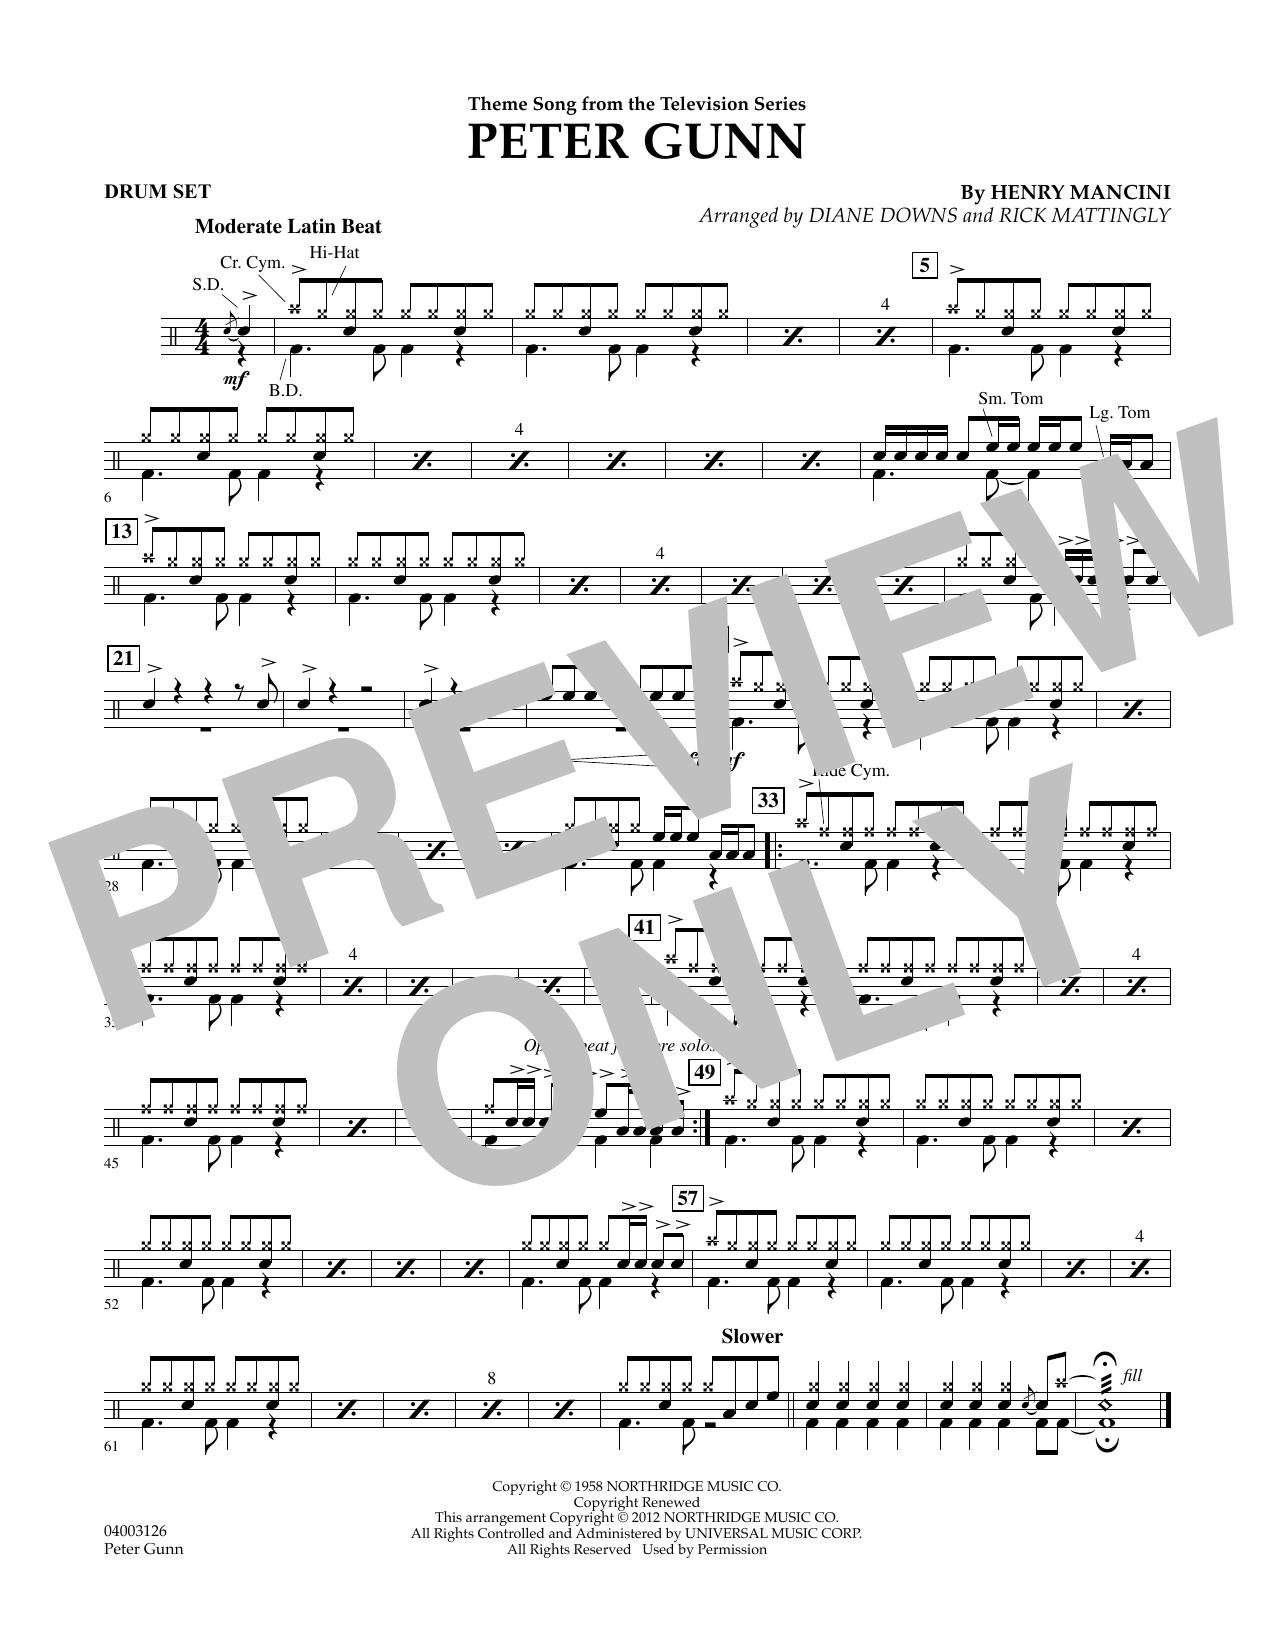 Peter Gunn - Drum Set (Concert Band)